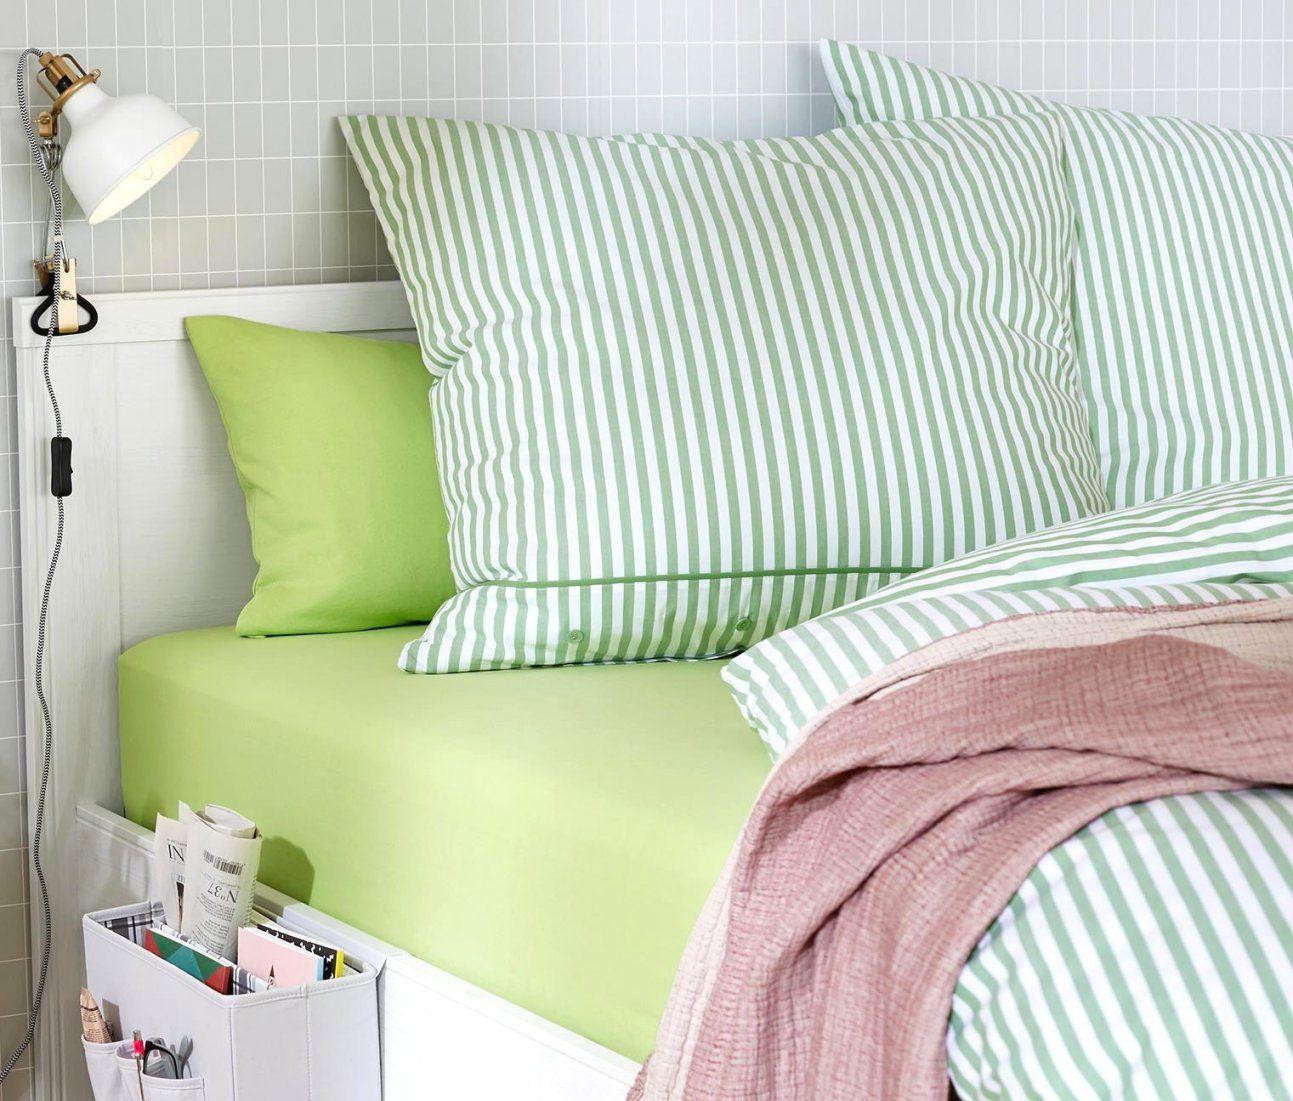 Wunderbare Ideen Bettwäsche Bügeln Und Unglaubliche Muss Man Perkal von Perkal Bettwäsche Bügeln Photo